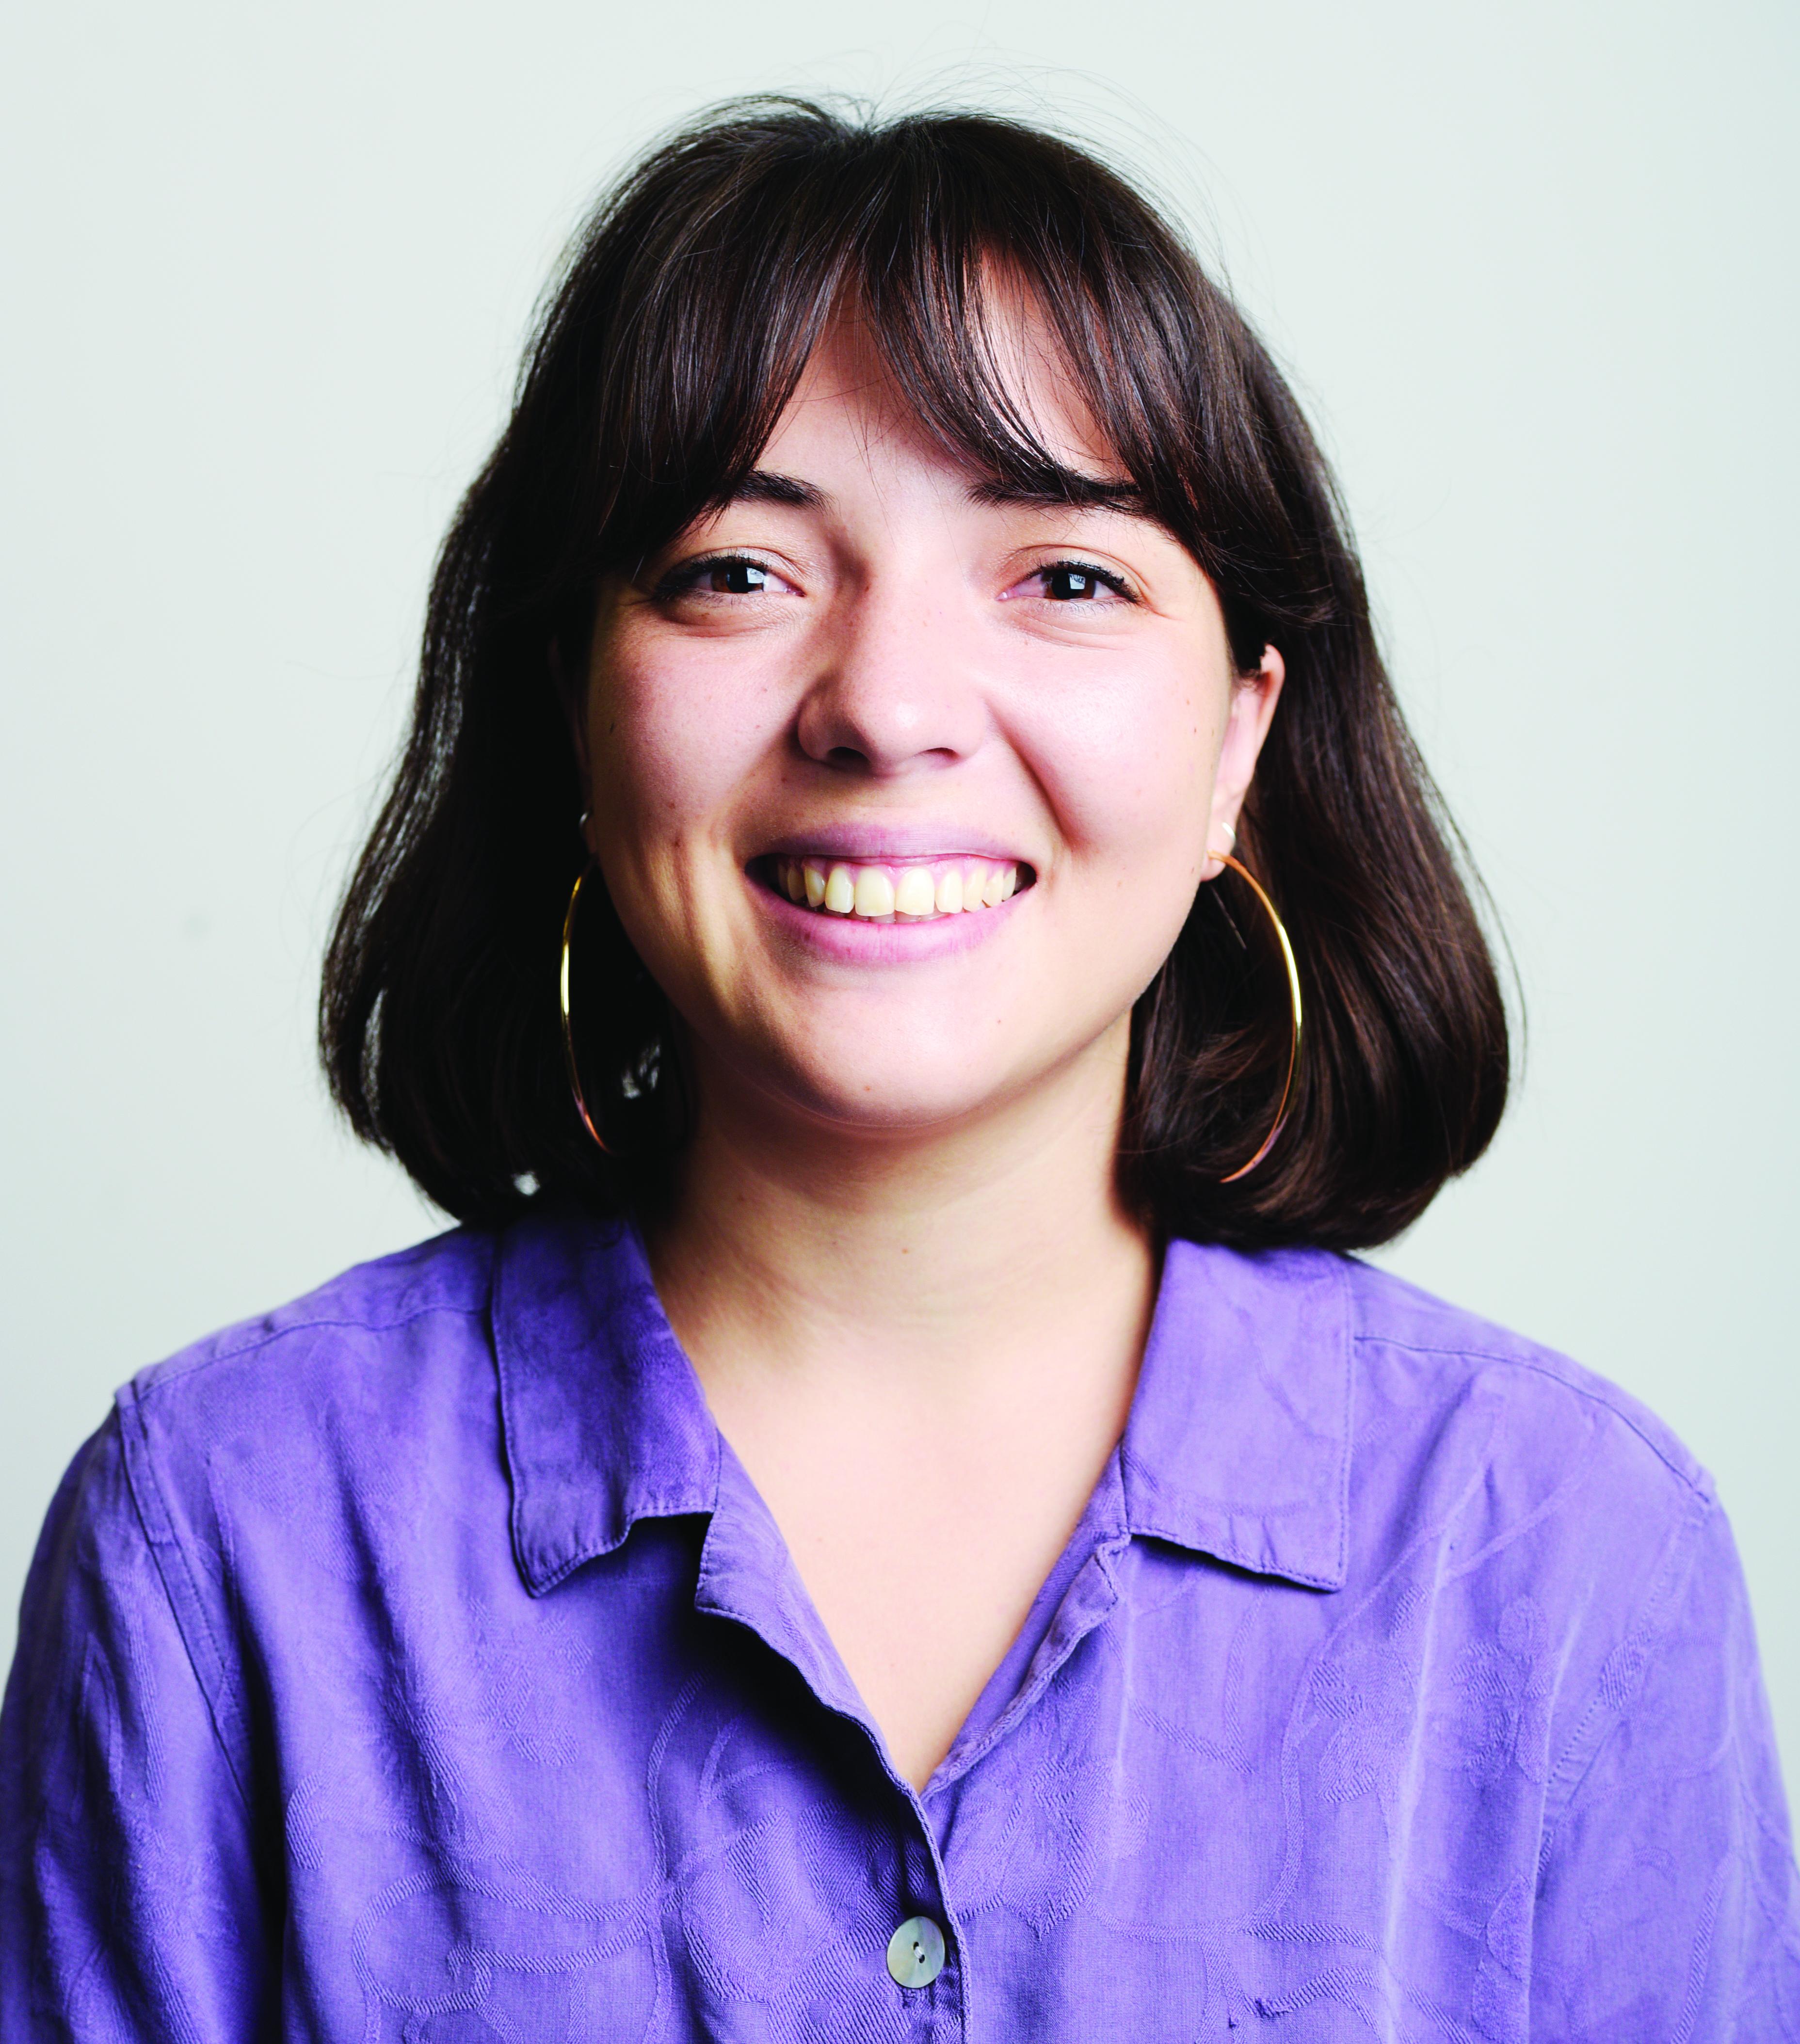 Rachel Spacek